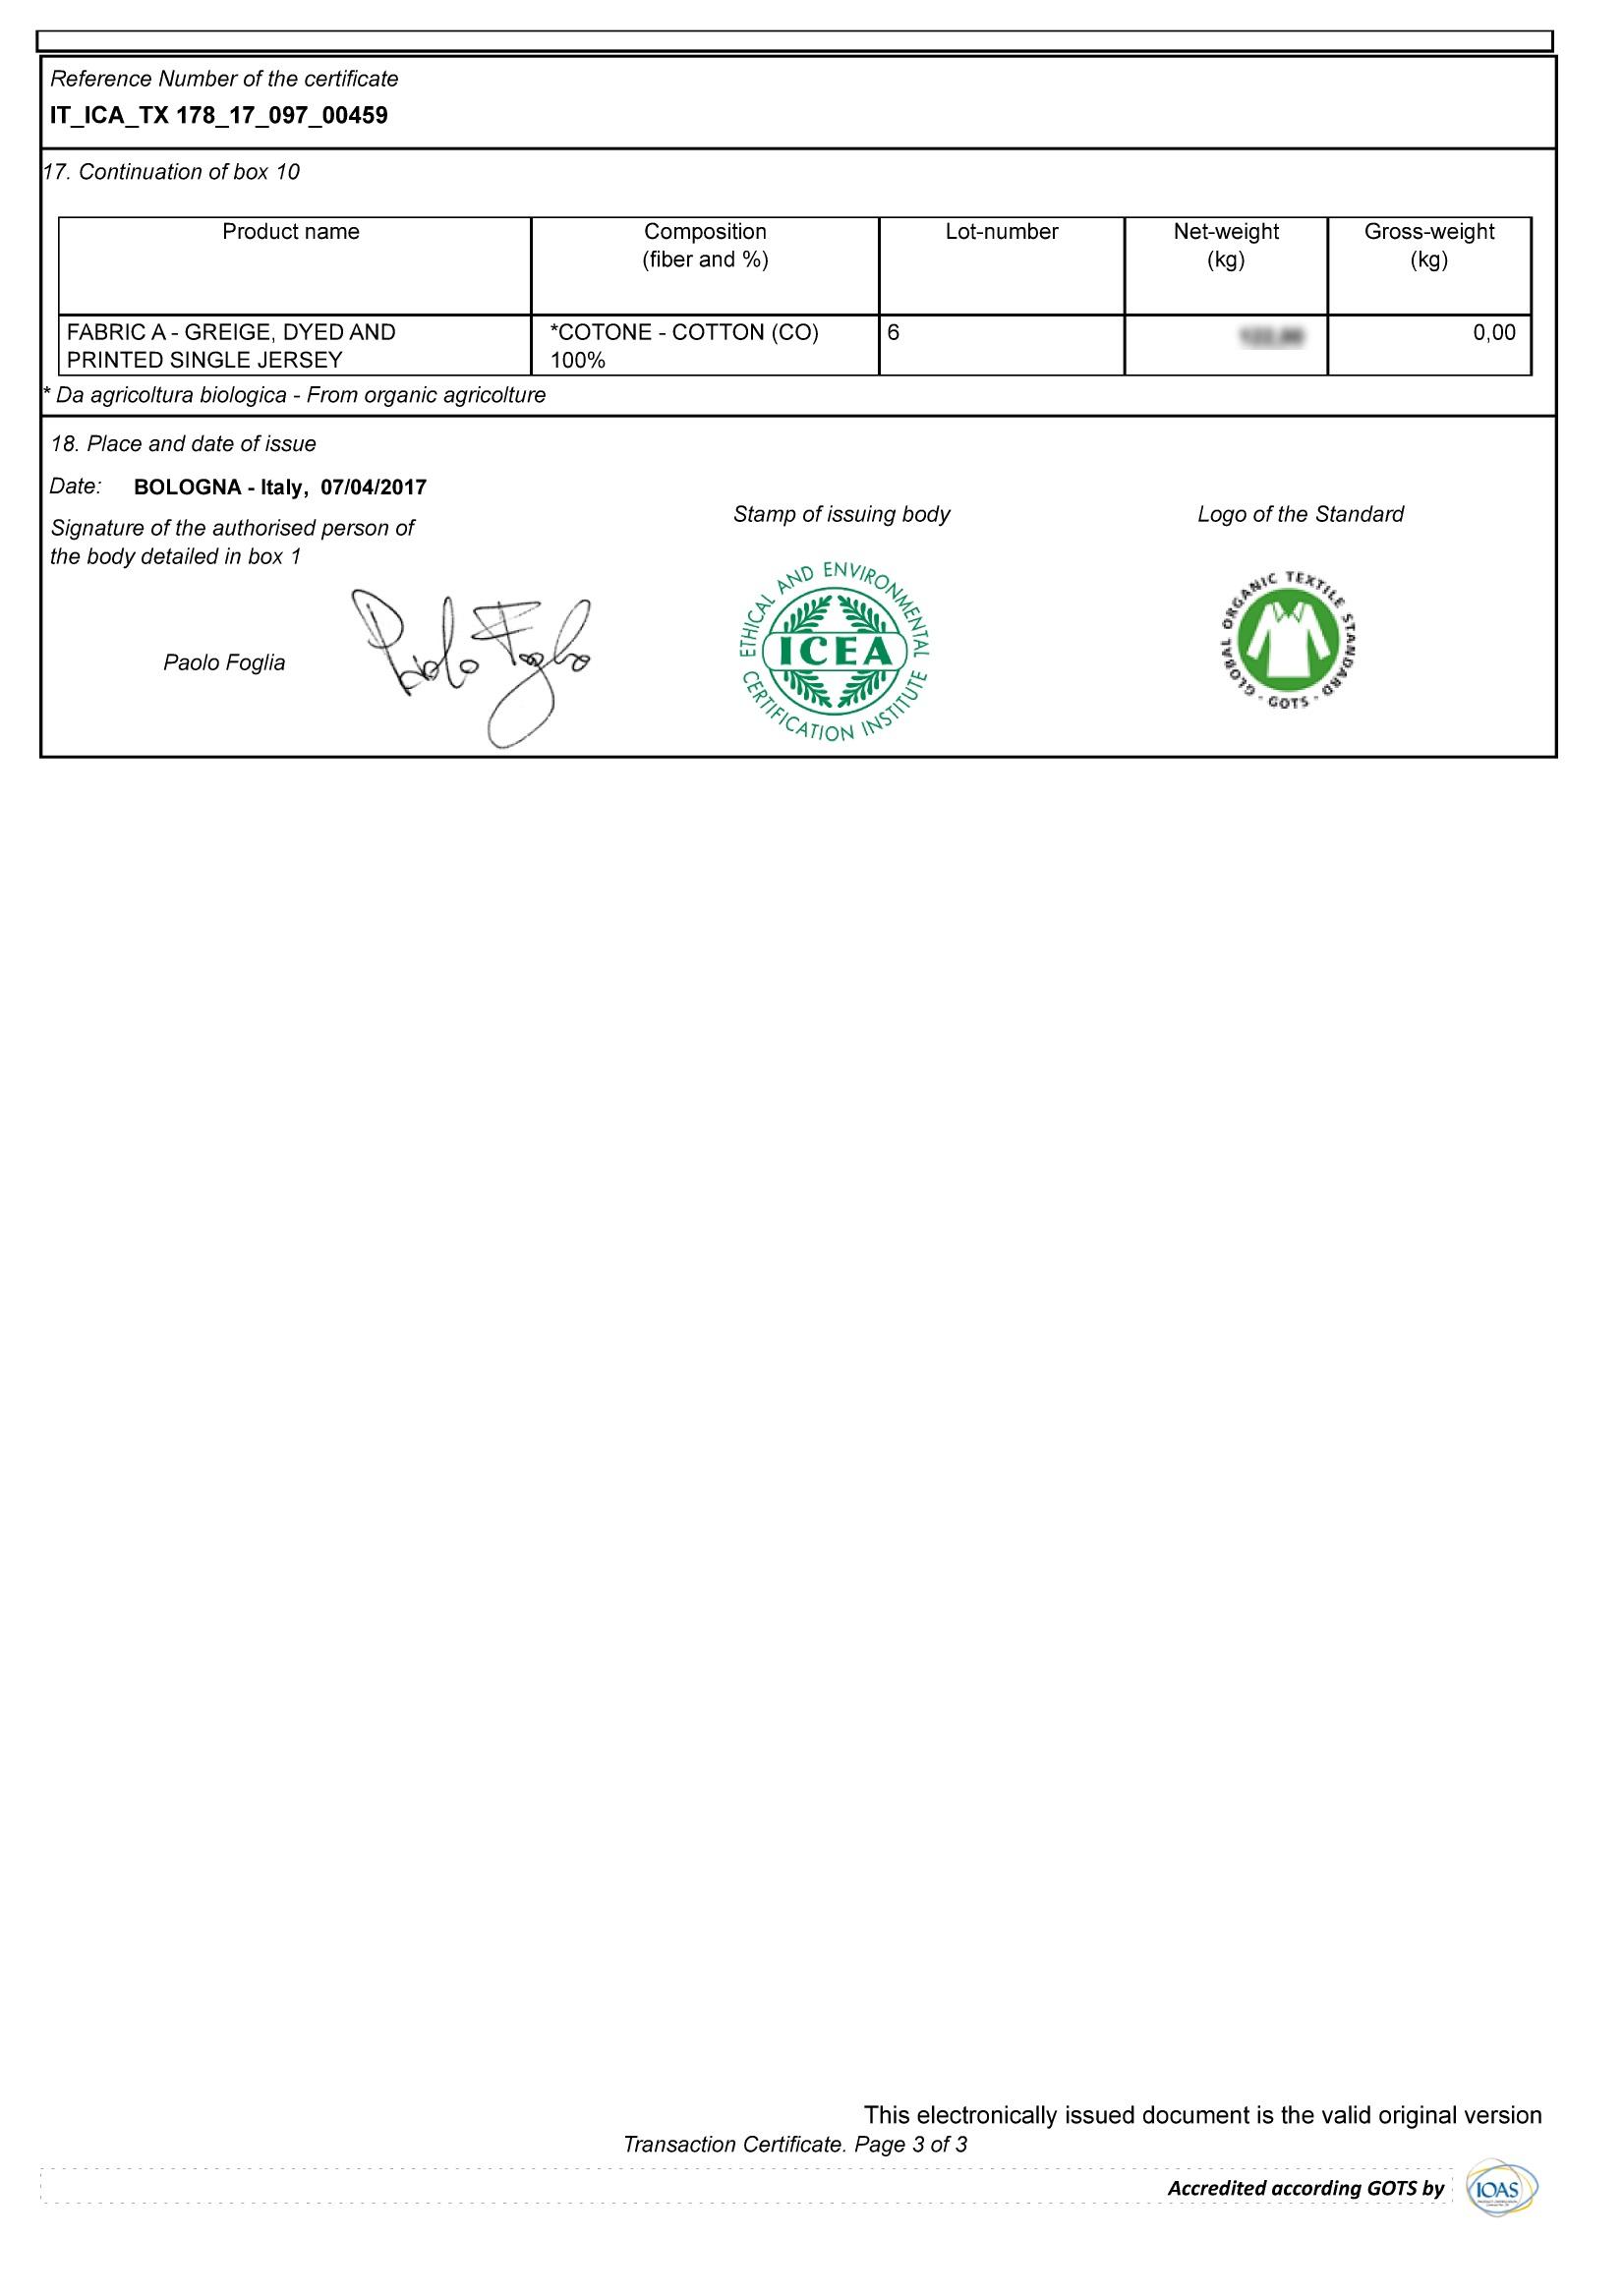 certyfikat-GOTS-bielizna-dla-alergikow-atopikow-bawełna-organiczna-zakup-dermaclothes-nanosrebro-jony-srebra